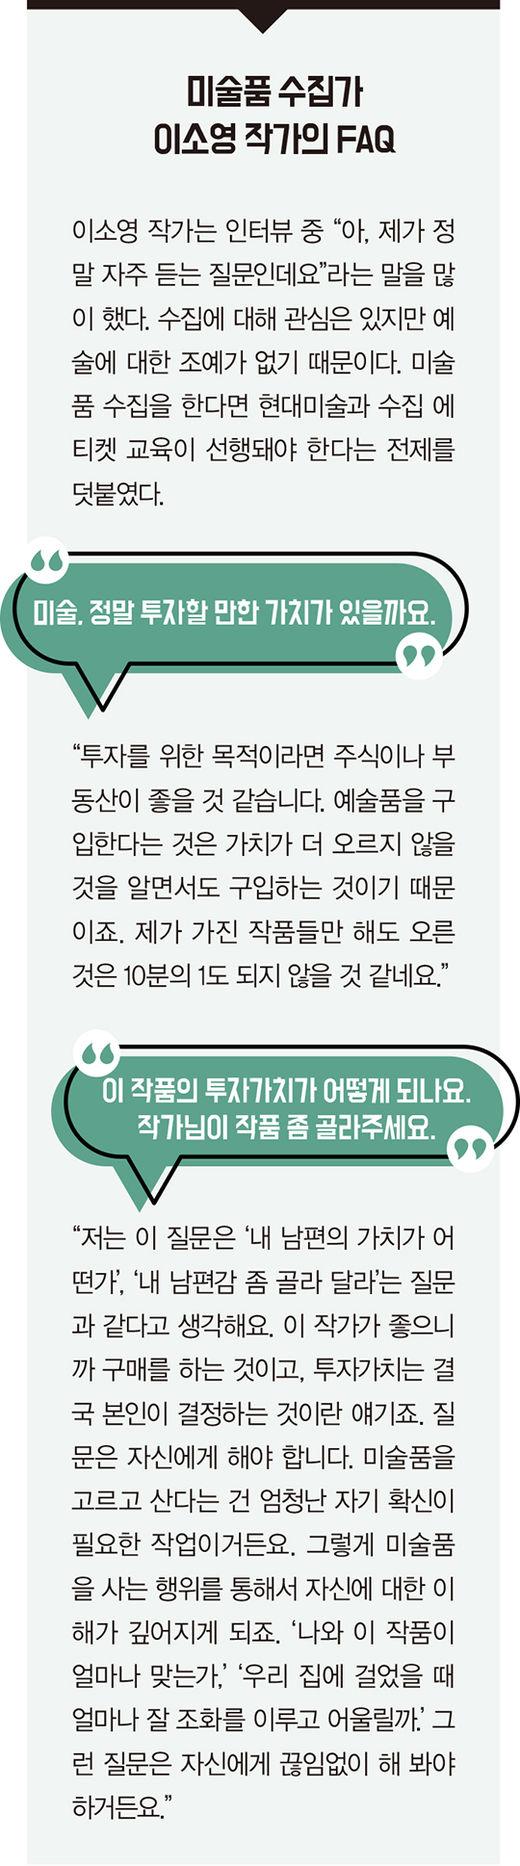 """'미술품 수집가' 이소영 작가""""미술로 세상을 배우고 공유하죠"""""""